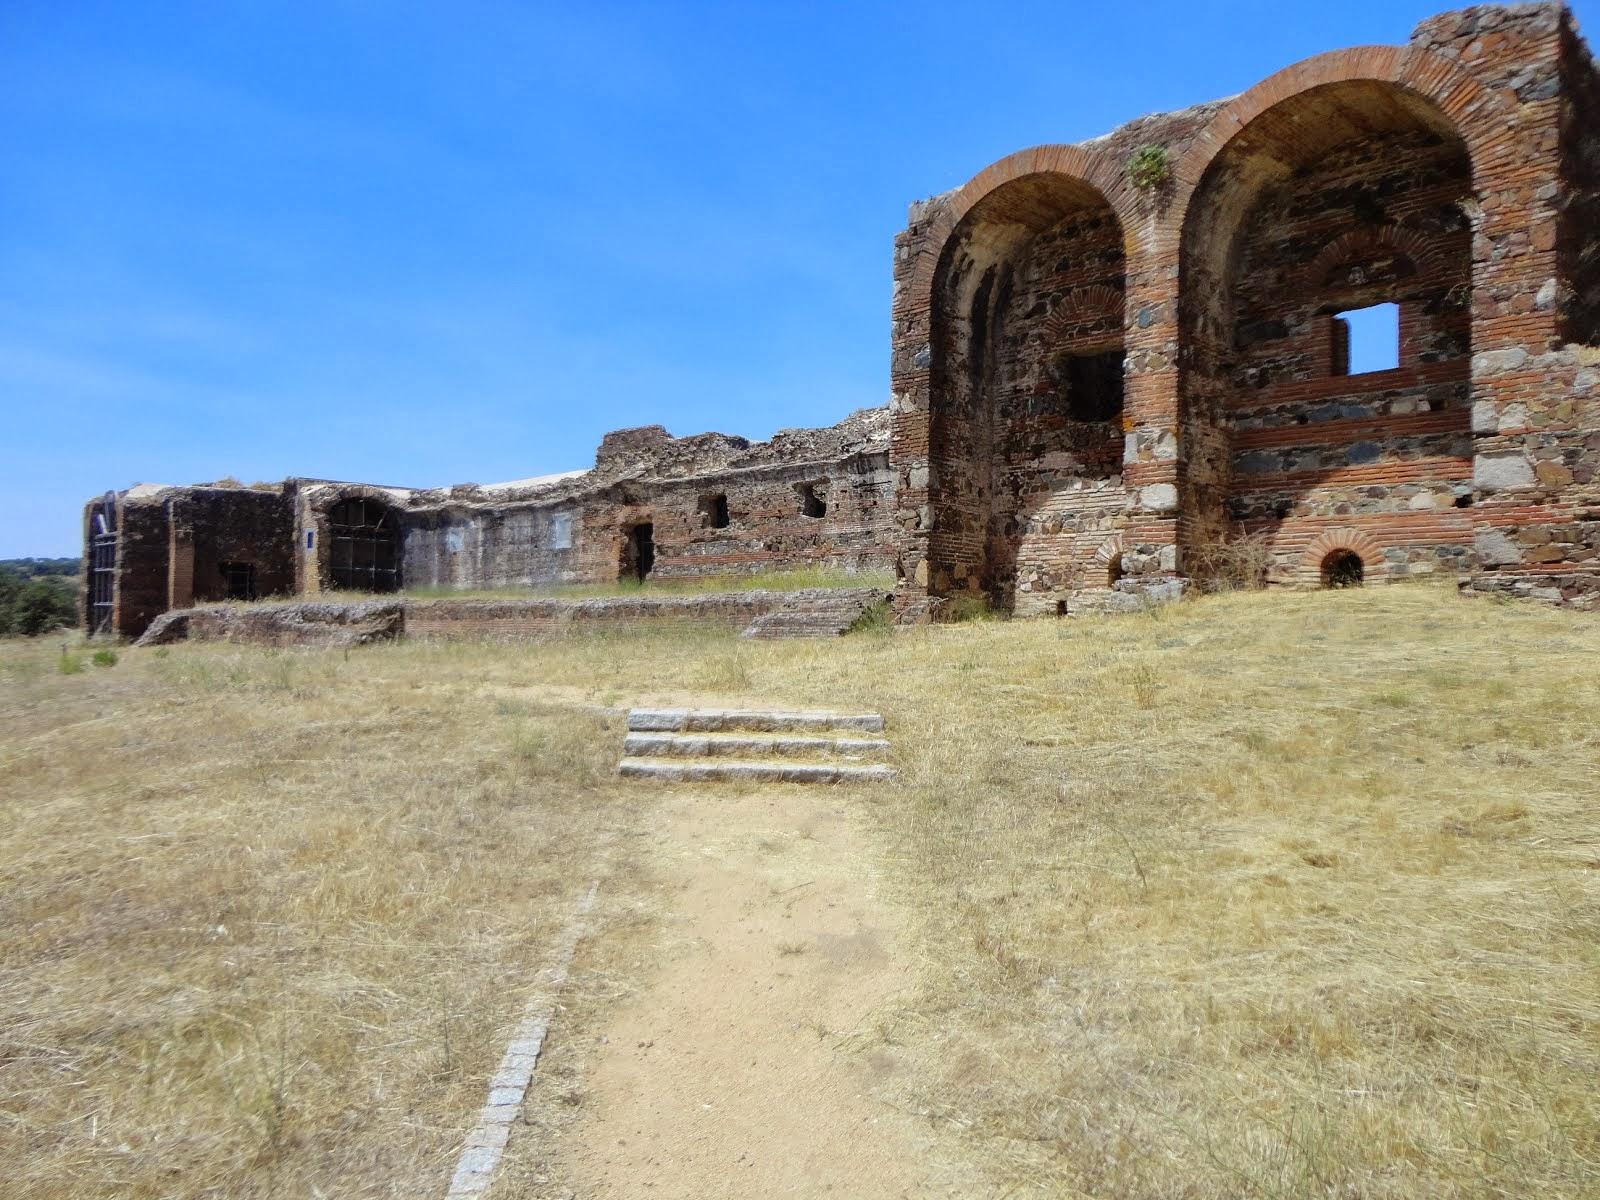 Visitem as Ruínas Romanas de São Cucufate (Monumento Nacional)